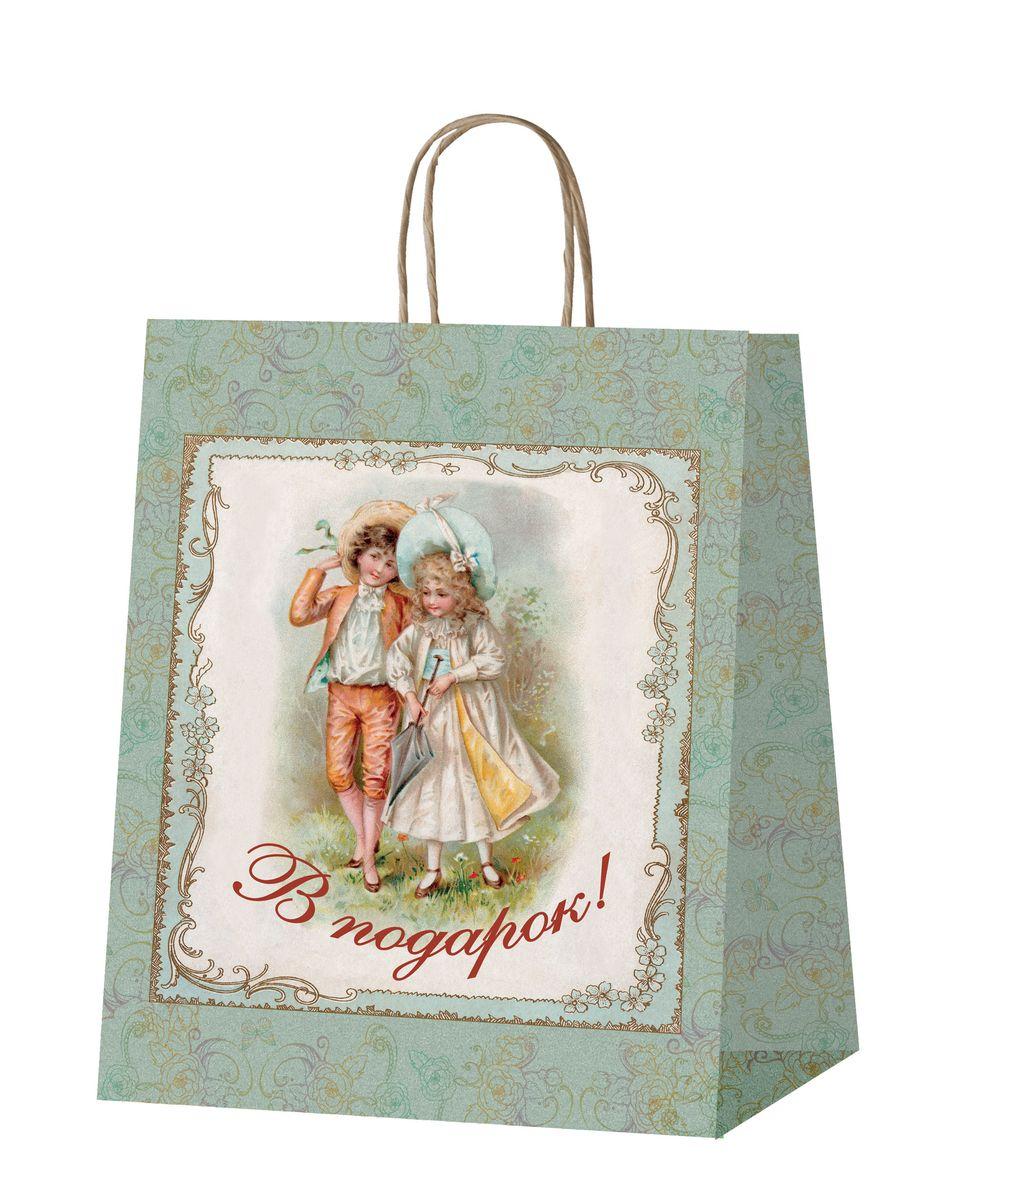 Свадьба открытки, пакеты подарочные и открытки